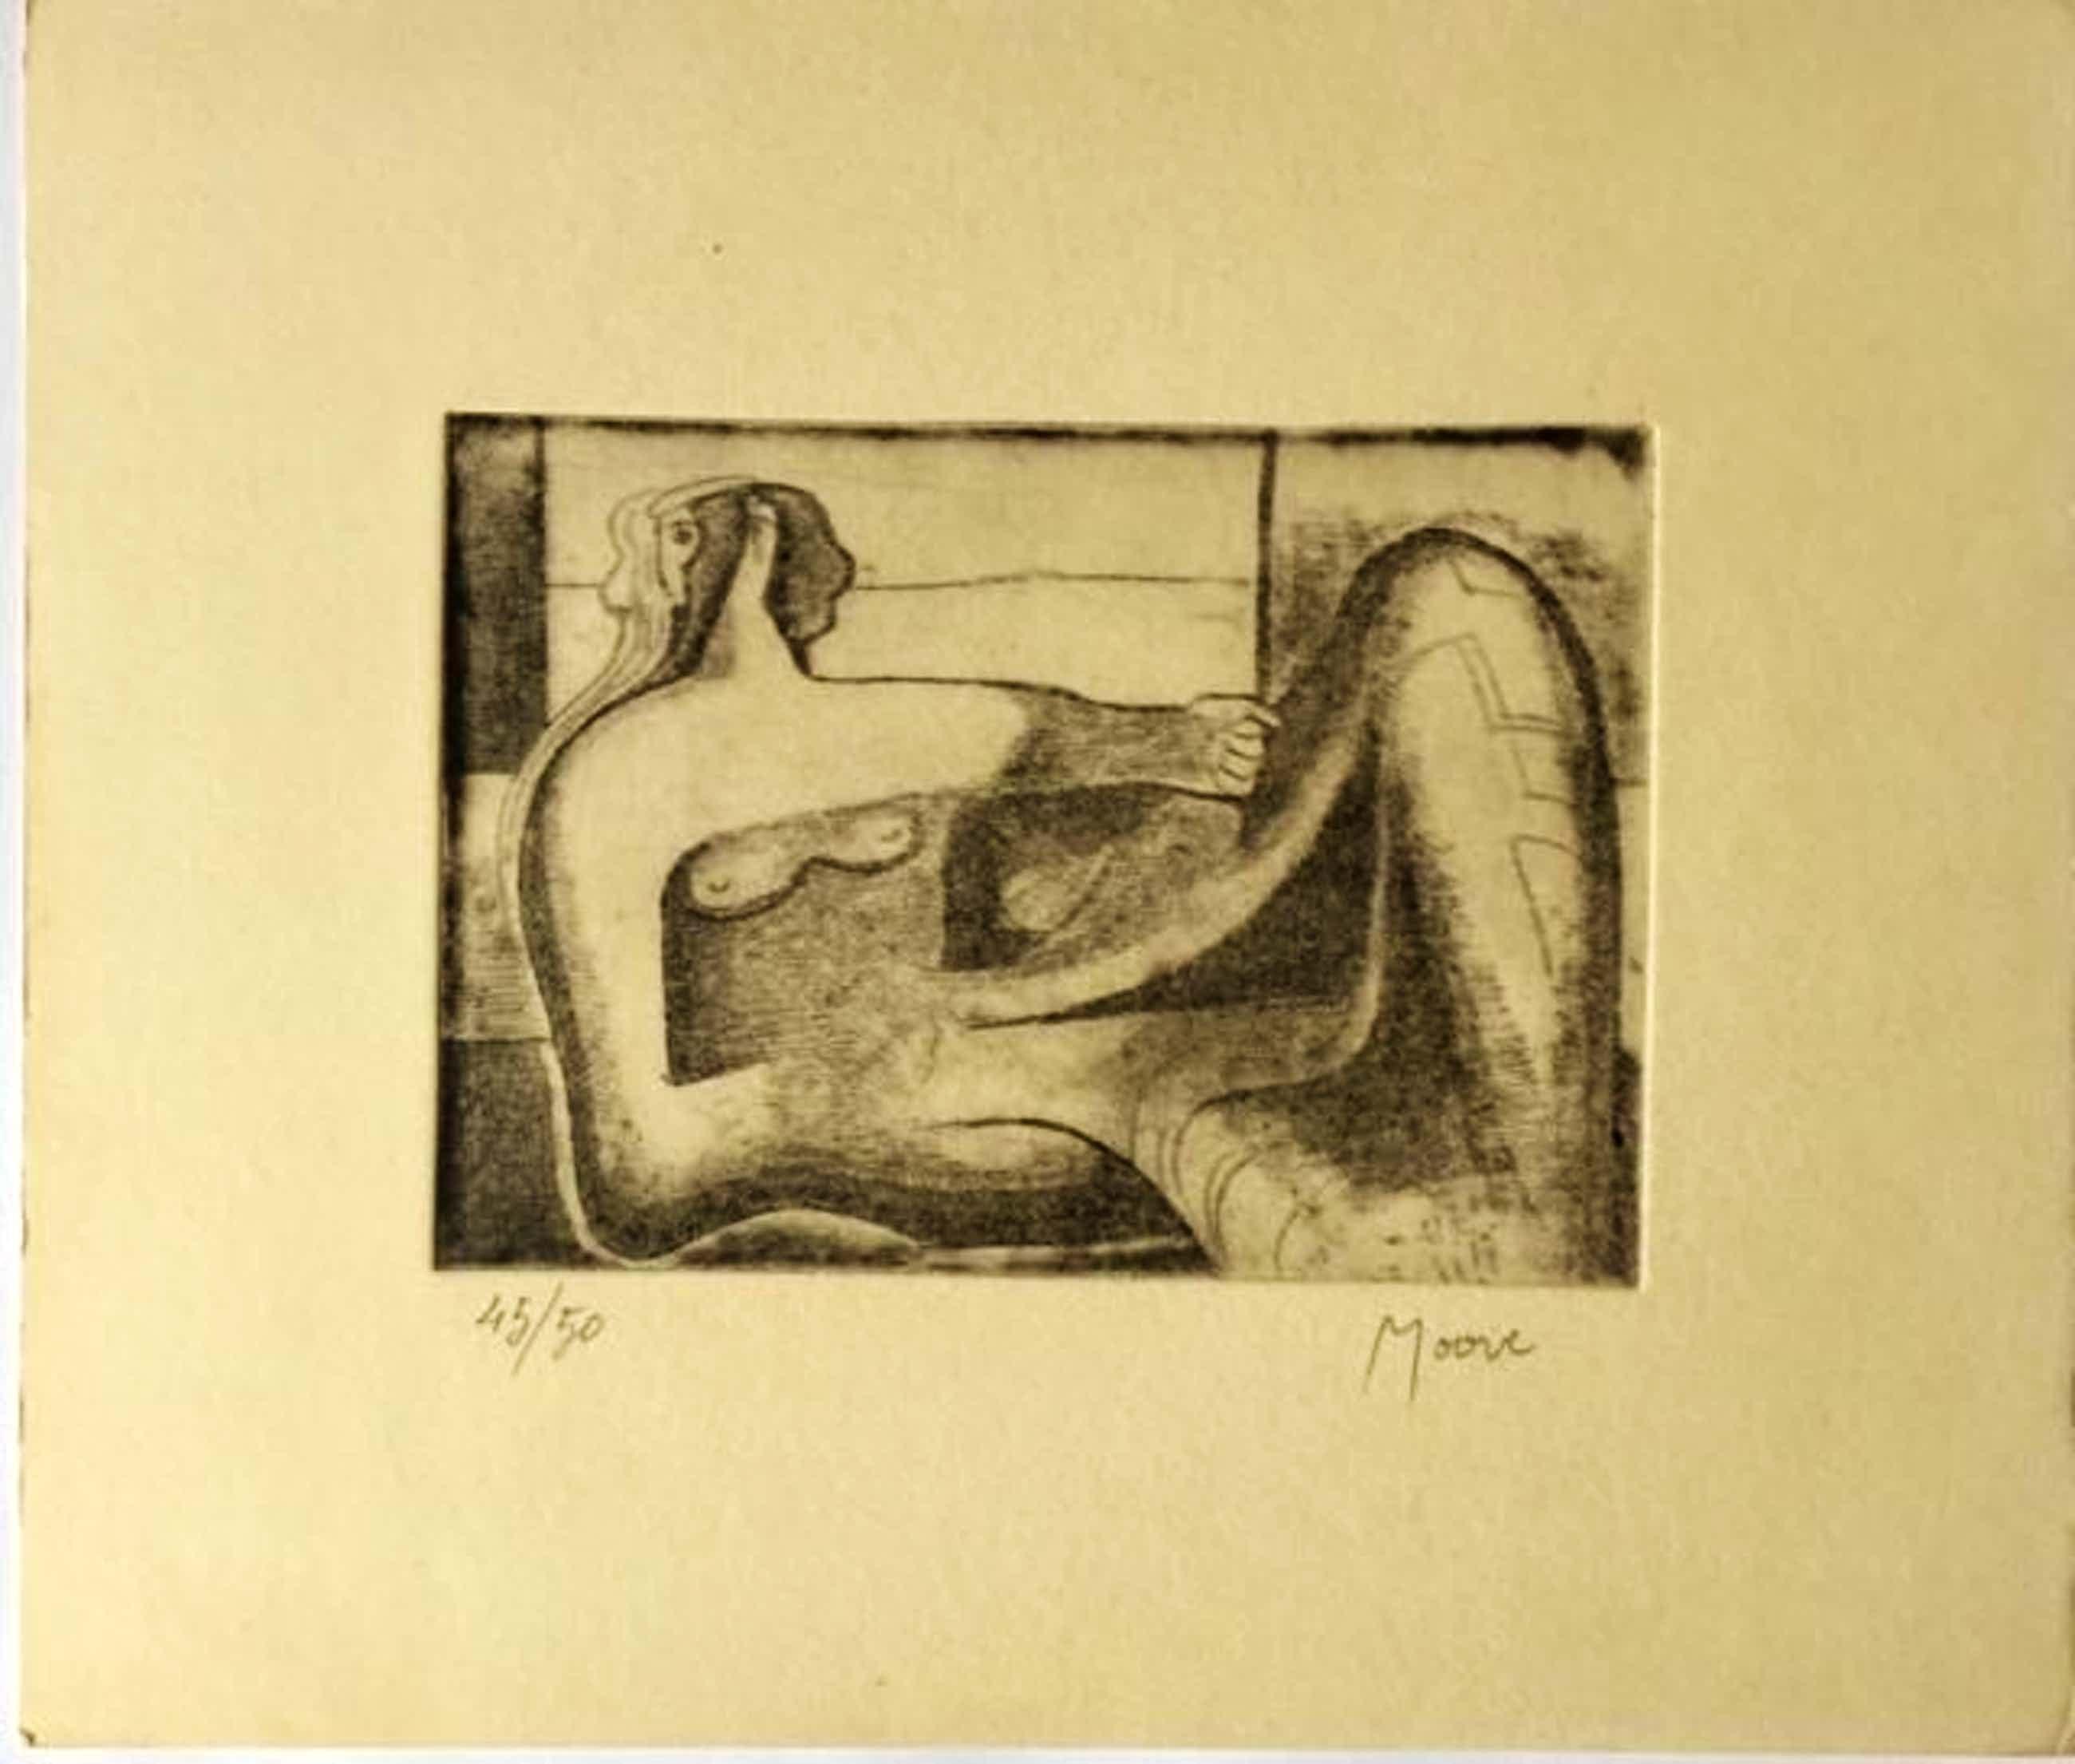 Henry Moore - Liegende - Originale Radierung - Handsigniert kopen? Bied vanaf 540!